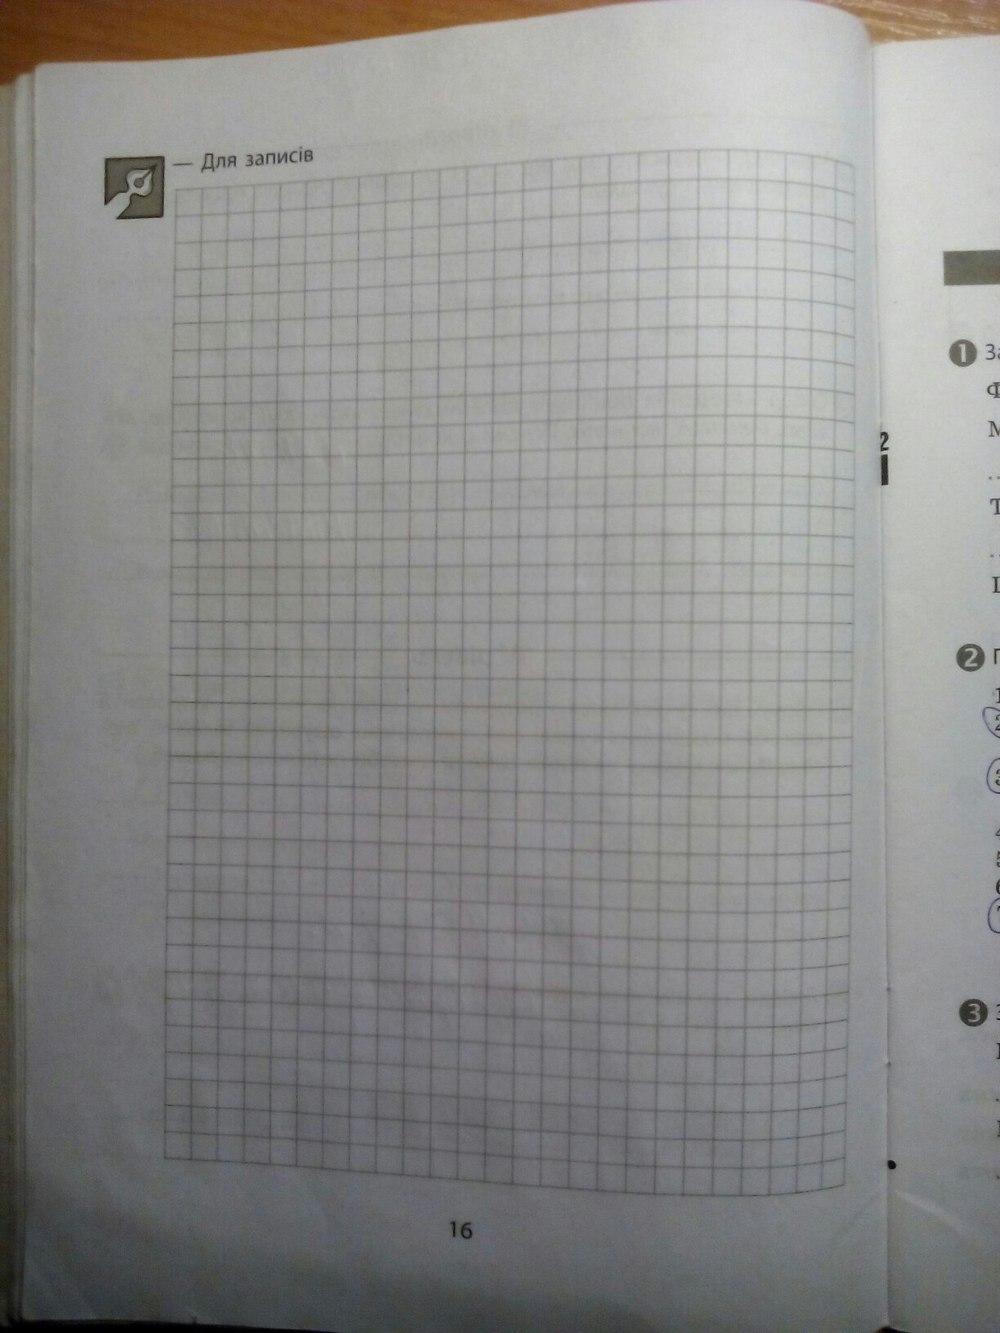 ГДЗ відповіді робочий зошит по биологии 5 класс. Задание: стр. 16